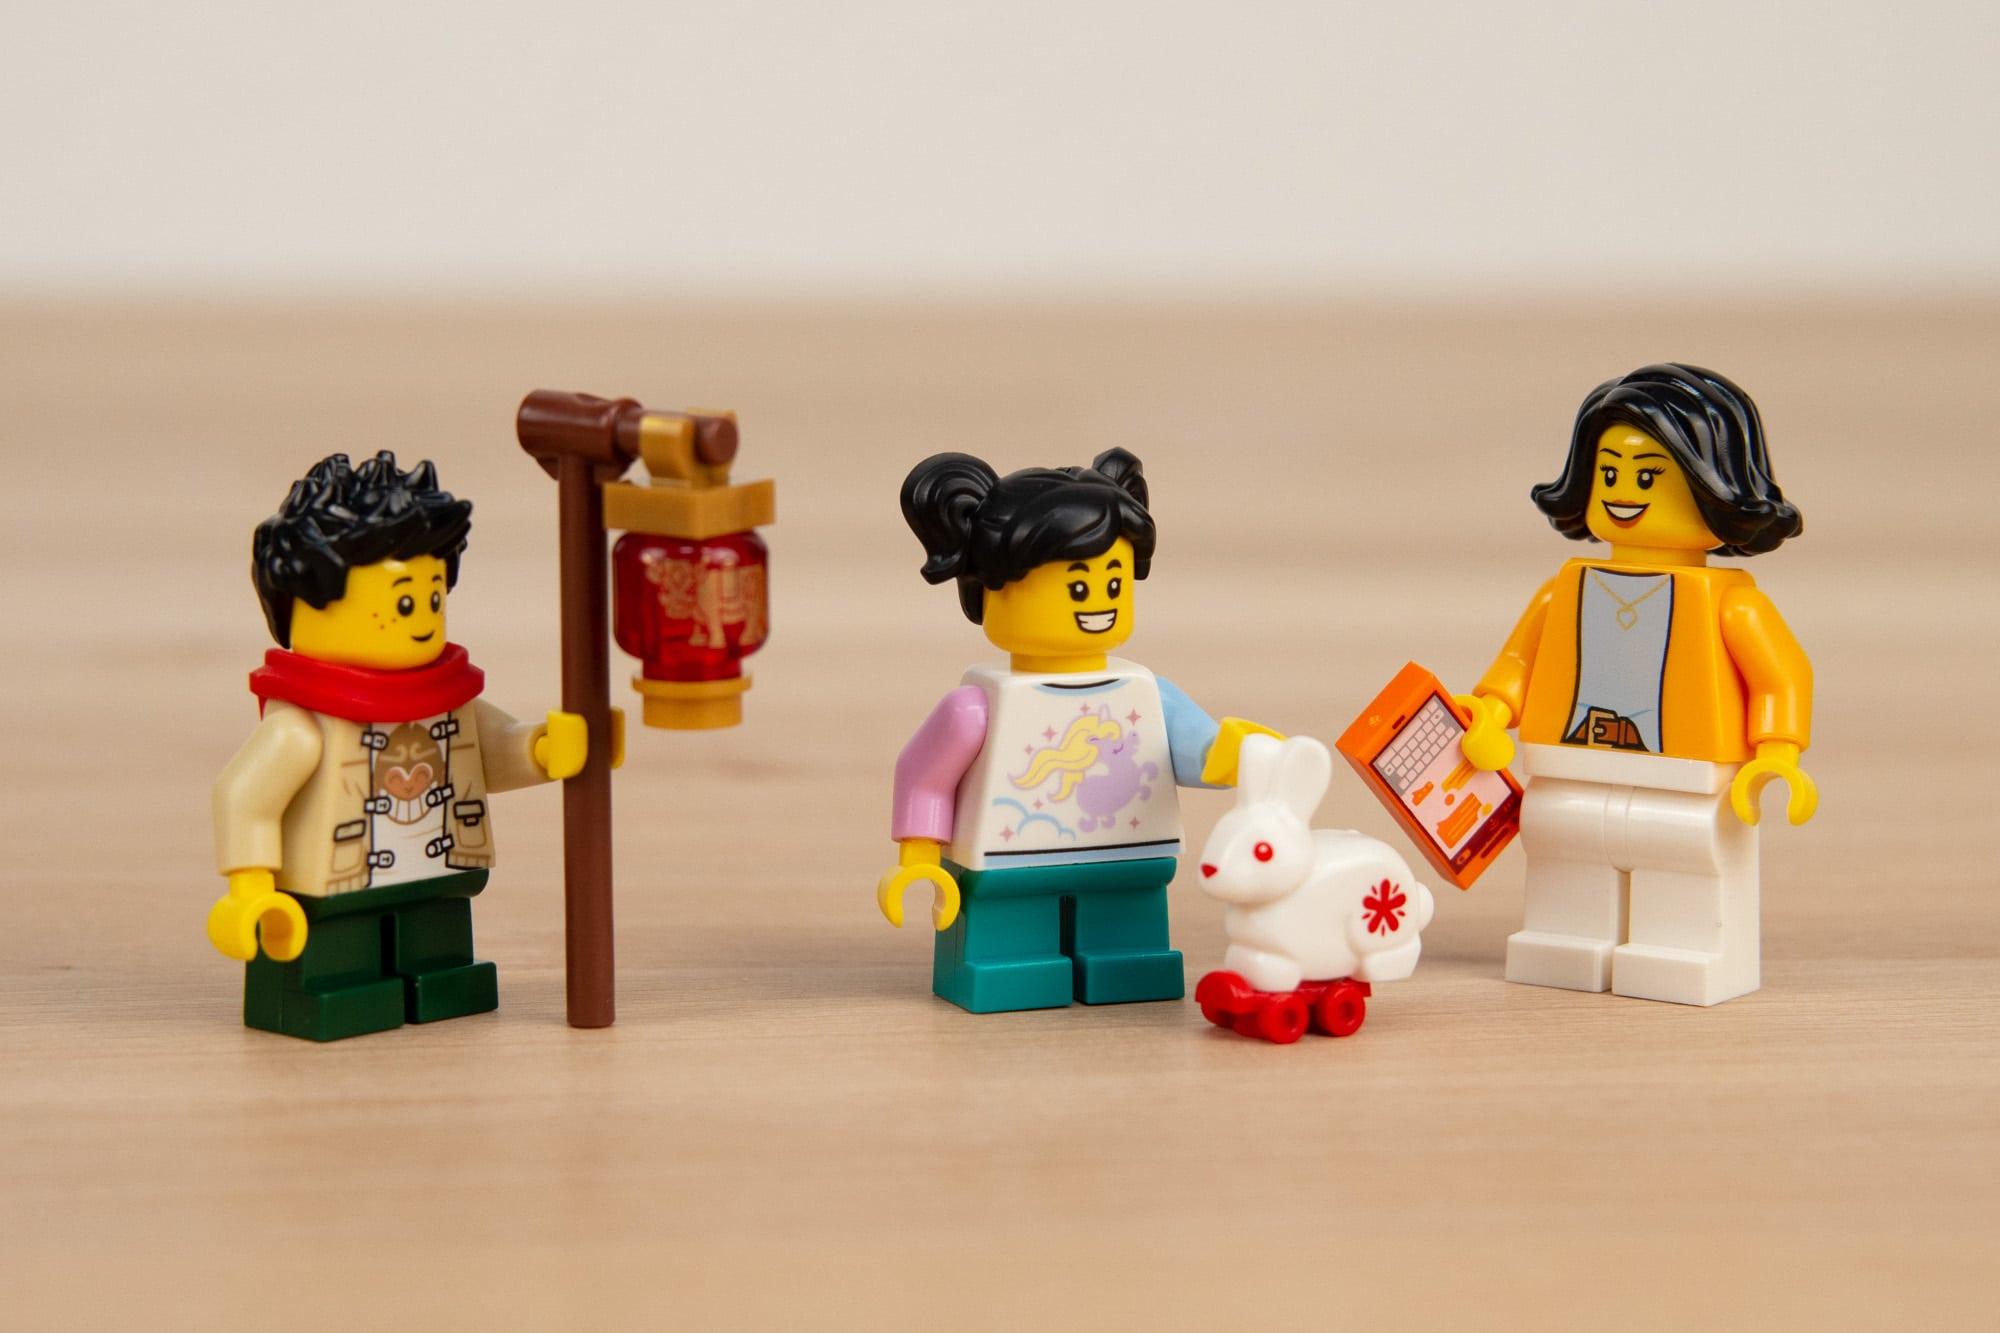 LEGO 80107 Fruehlingslaternenfest Chinesisches Neujahr 57